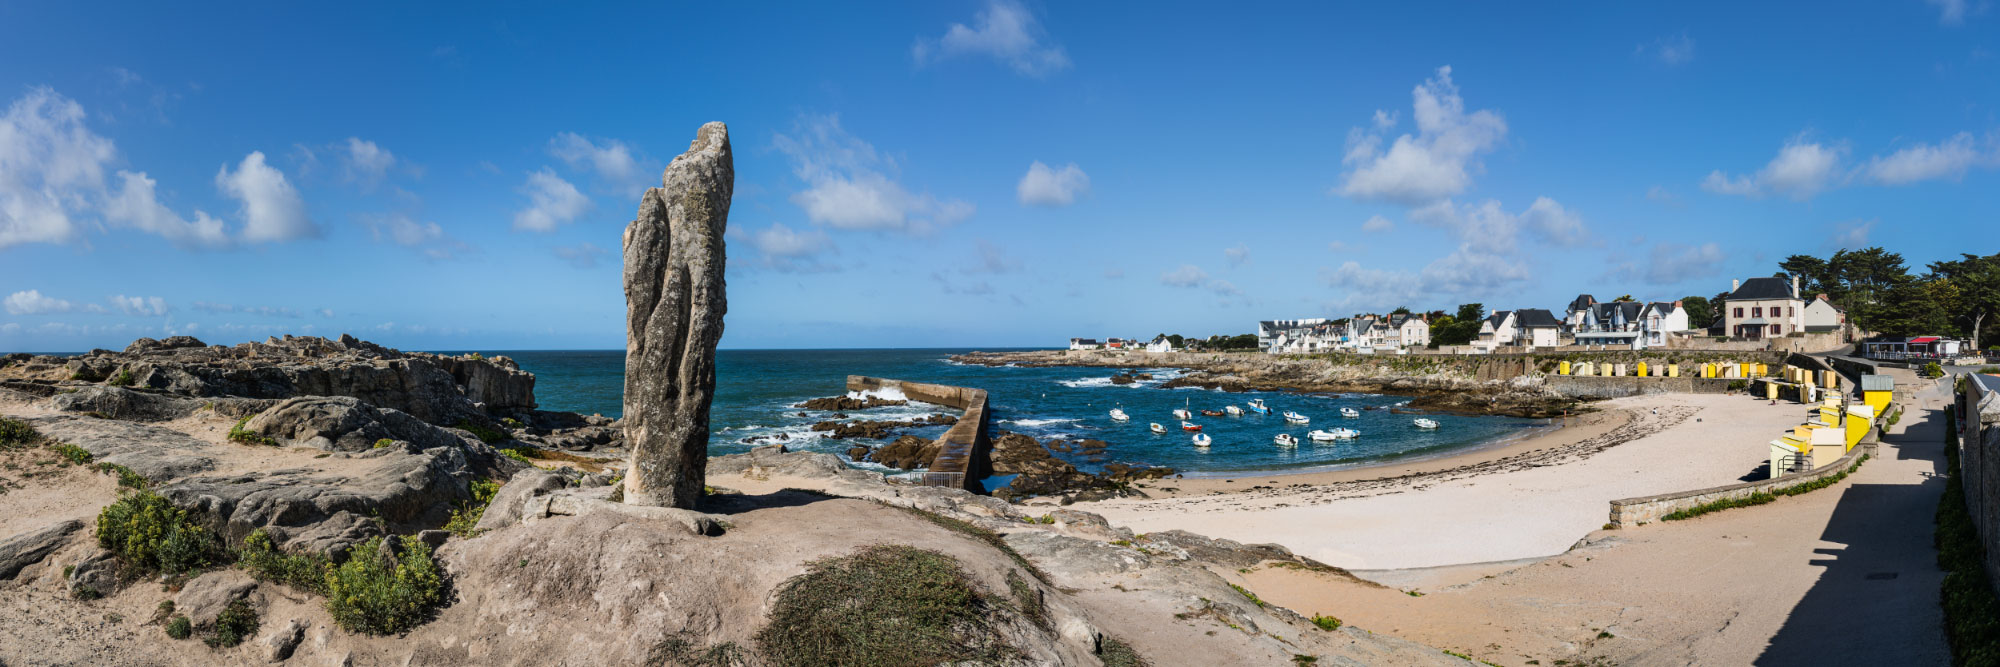 Menhir, plage de Batz-sur-Mer, presqu'île du Croisic